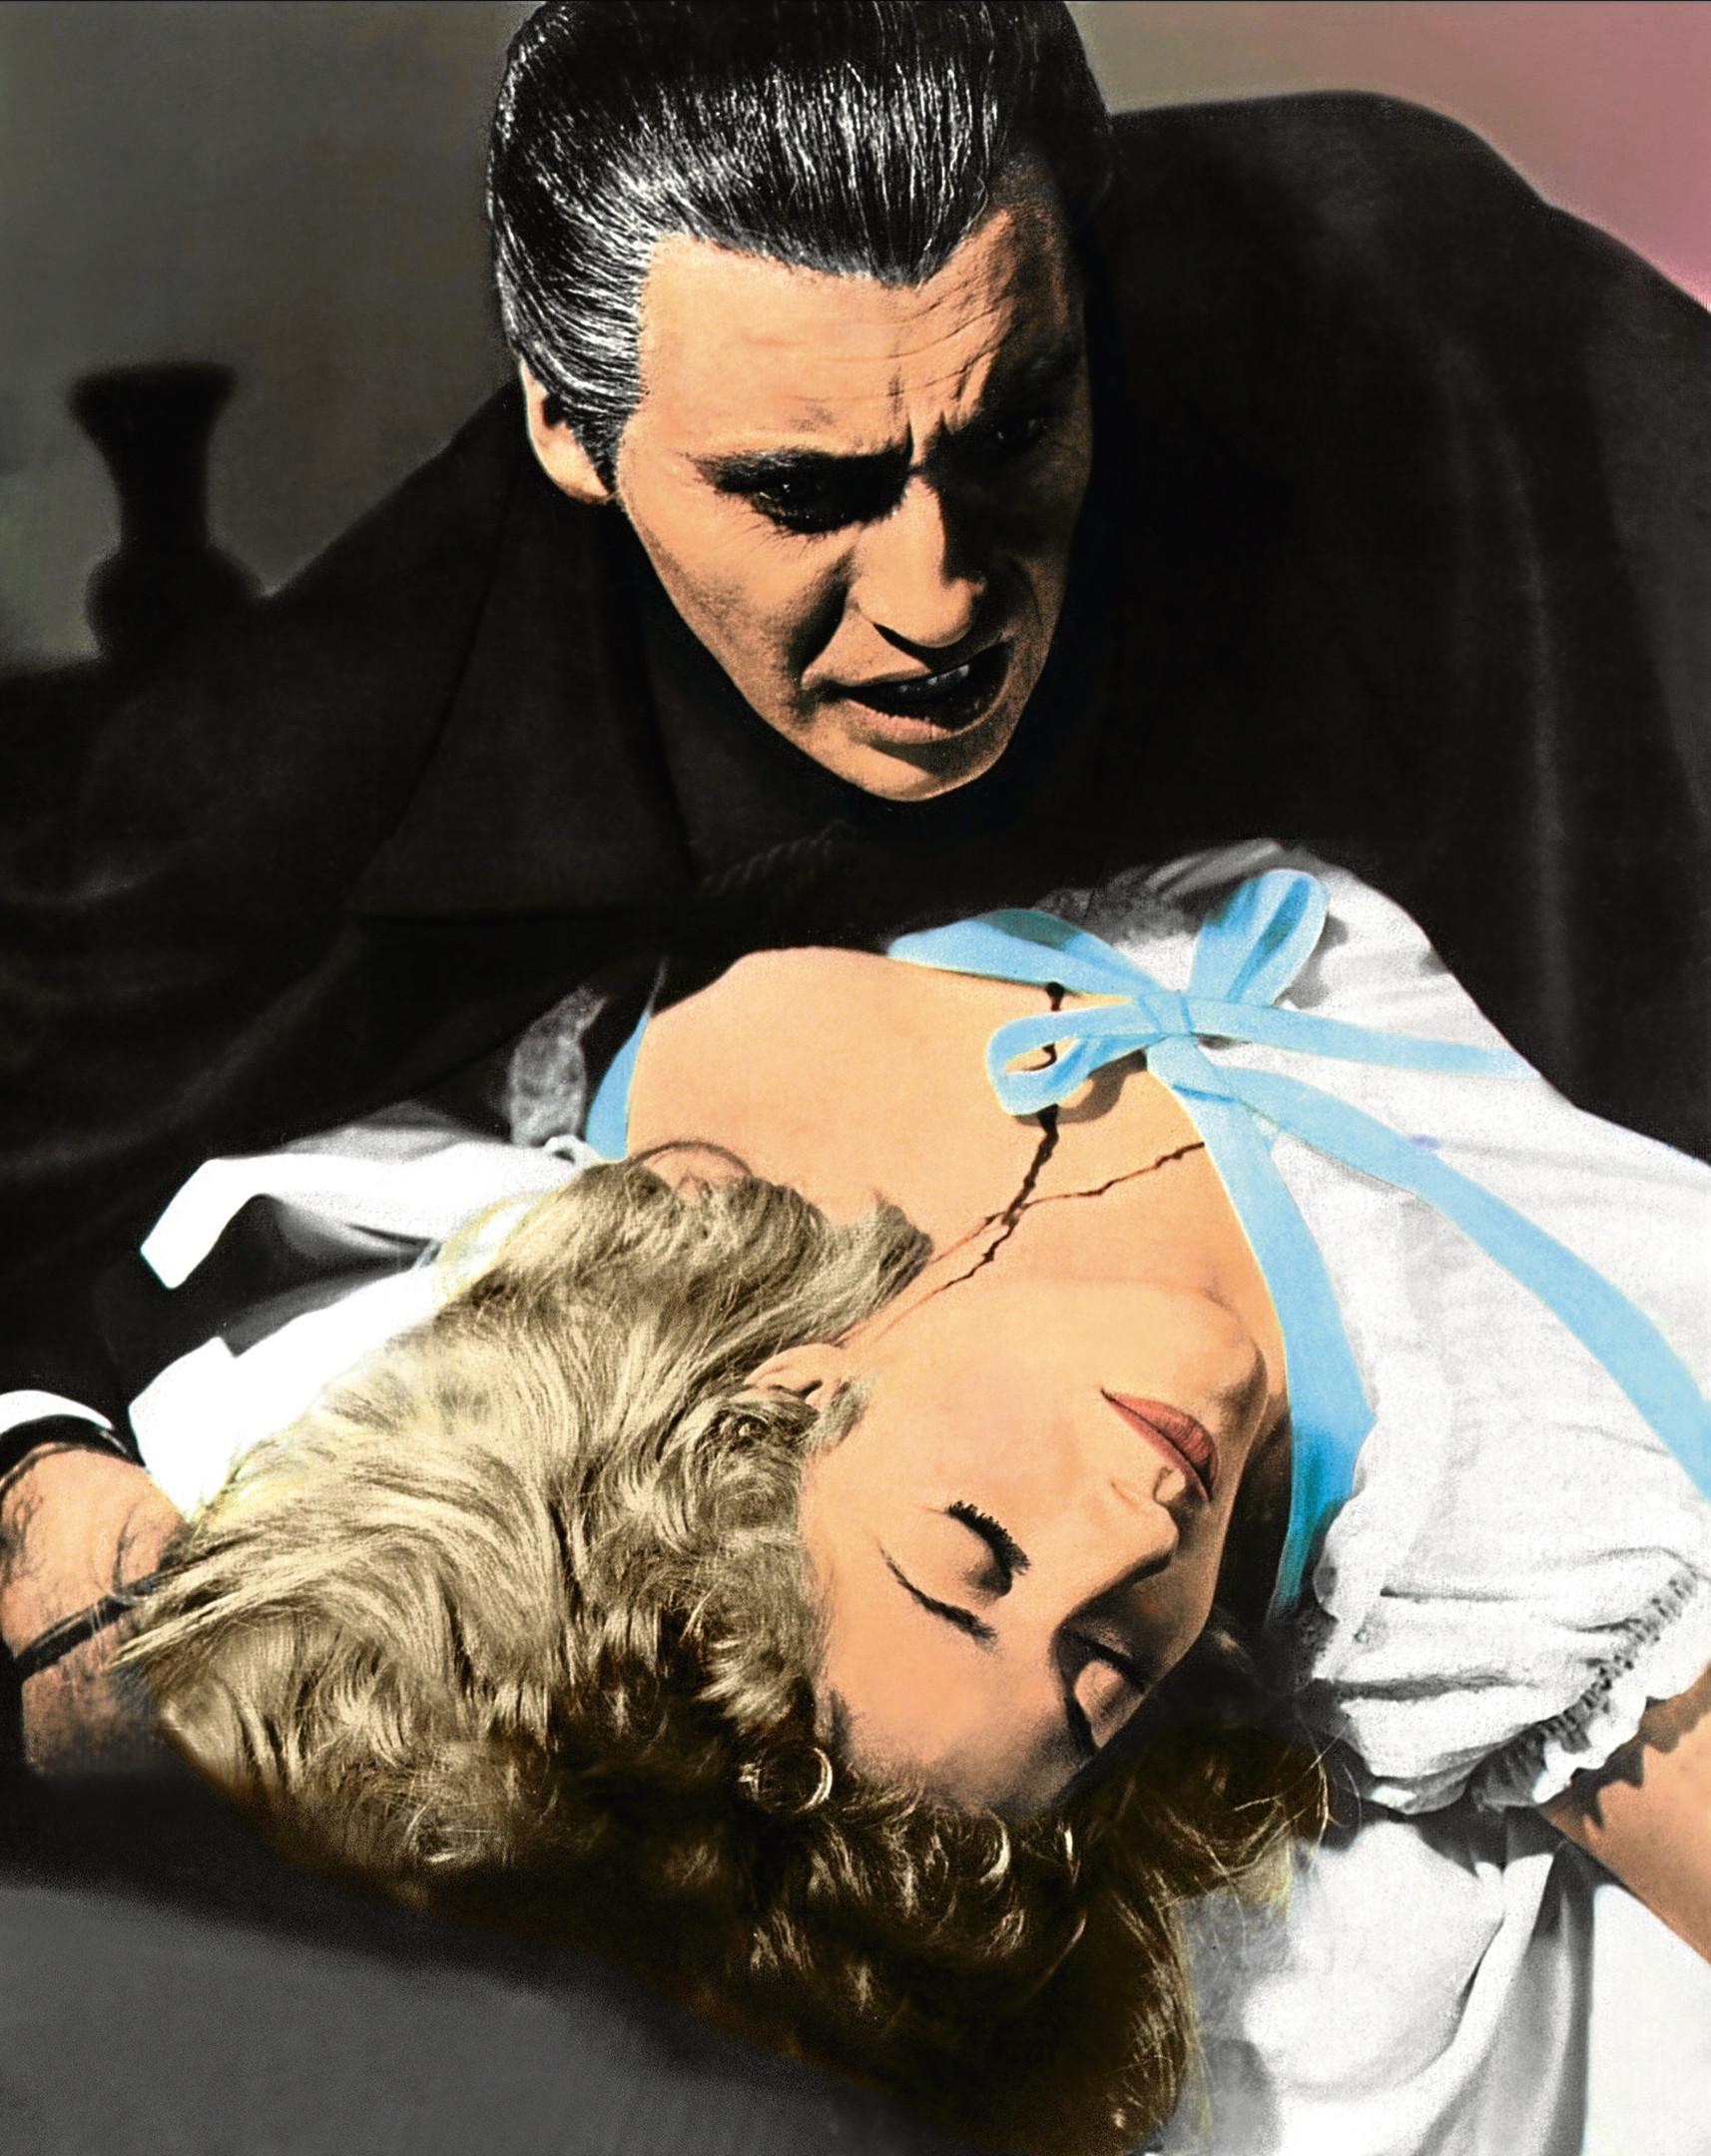 DRACULA; HORROR OF DRACULA', 1958 (Allstar/HAMMER FILM)